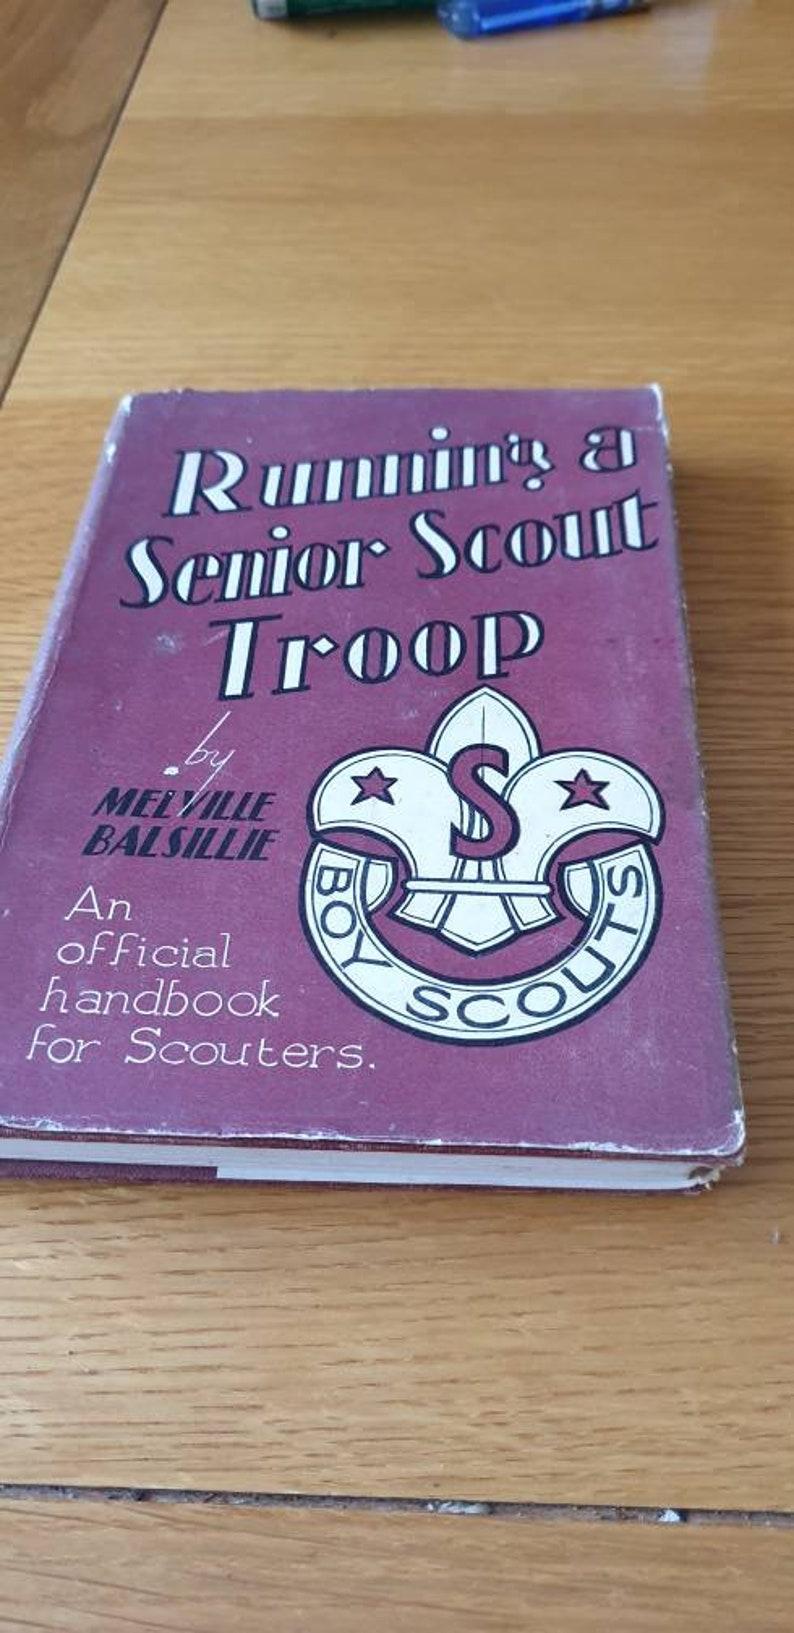 SCOUT TROOP BOOK